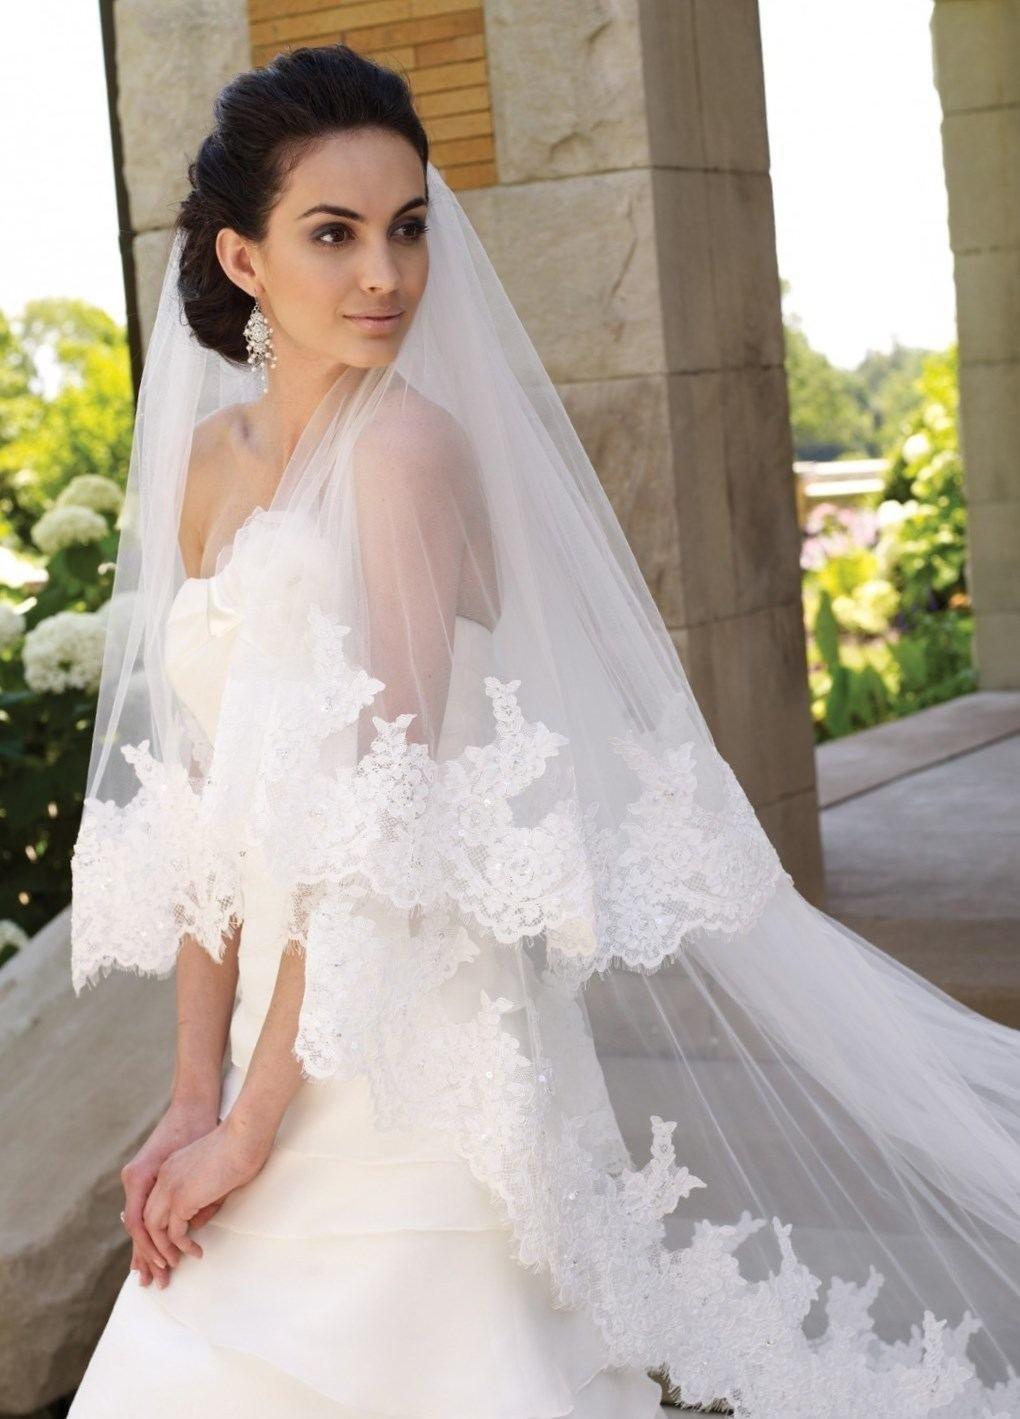 Прическа невесты длинная фата фото